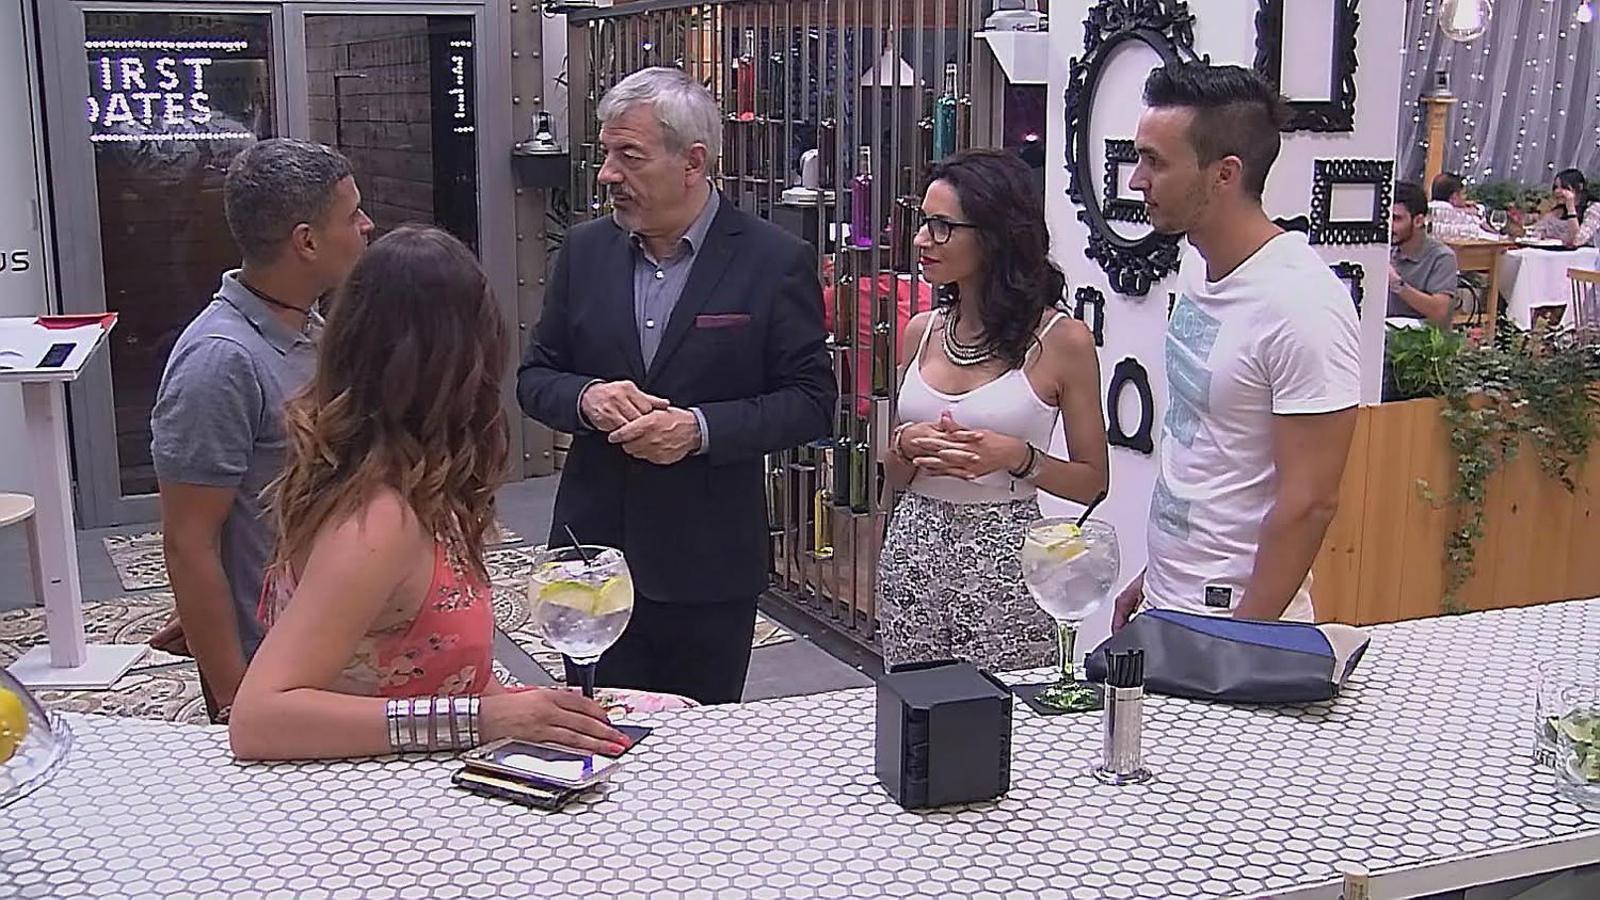 El bon rendiment de First dates al juliol i a l'agost ha ajudat Cuatro a mantenir-se pràcticament estable a Espanya i fins i tot a créixer una mica a Catalunya.